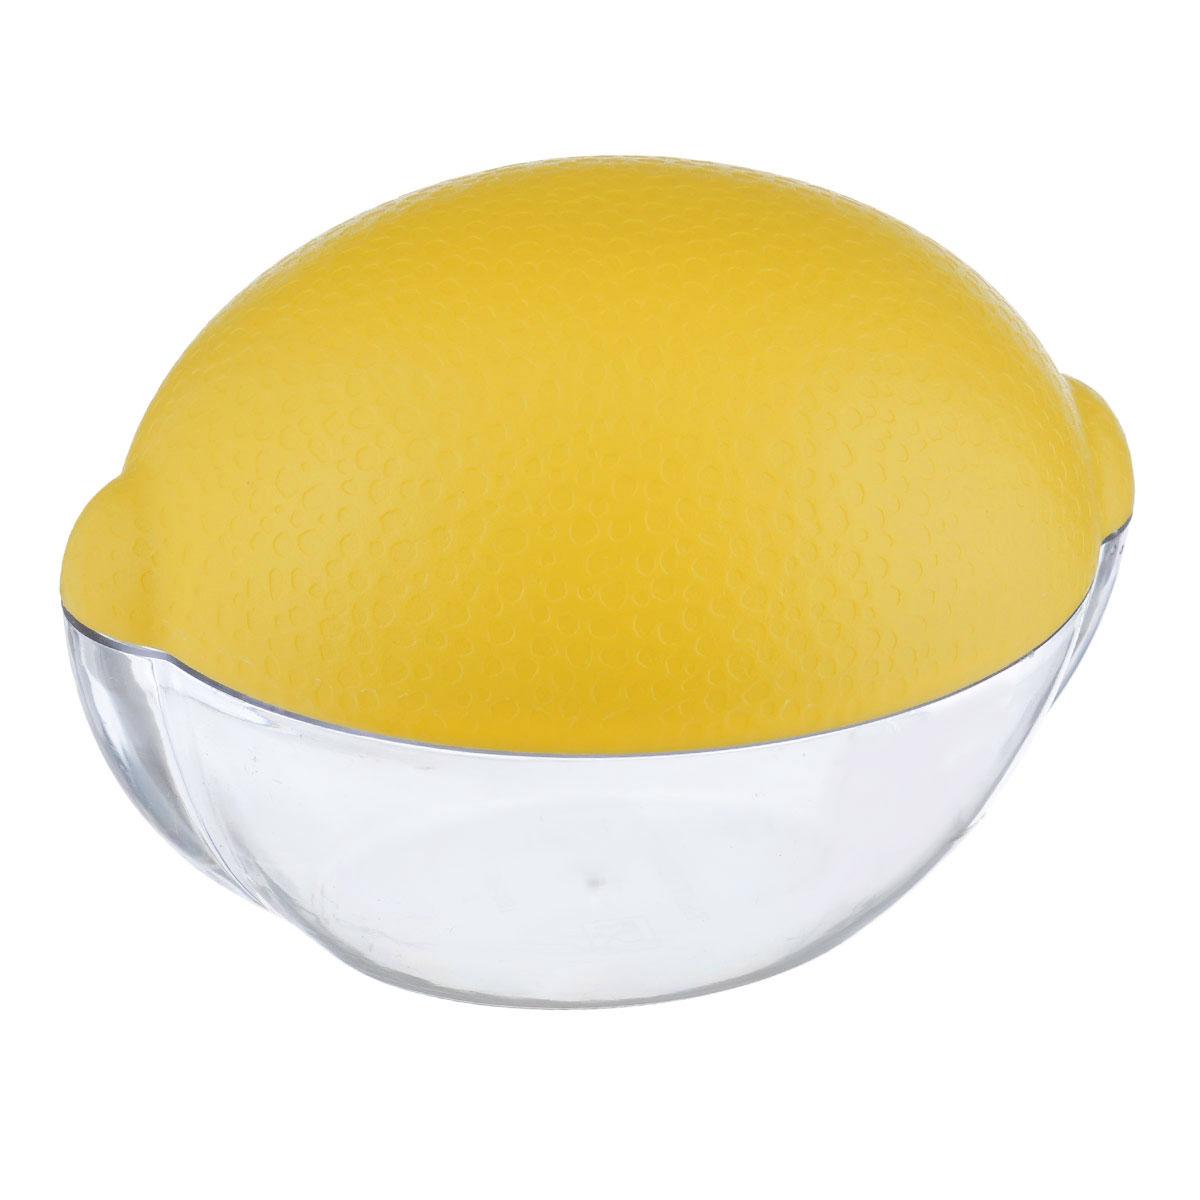 Емкость для лимона Альтернатива, цвет: прозрачный, желтыйМ909Емкость для лимона Альтернатива изготовлен из высококачественного прочного пластика в виде лимона. Такой контейнер - это уникальное полезное приобретение для тех, кто привык к порядку в холодильнике. Такой чехол сохранит вкусовые качества лимона и предохранит его от заветривания.